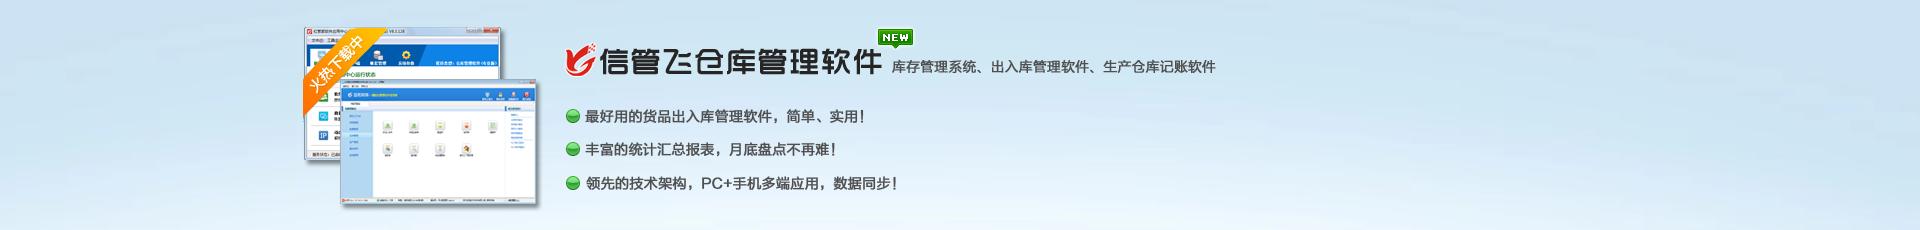 信管飞仓库管理软件V9.1.392发布